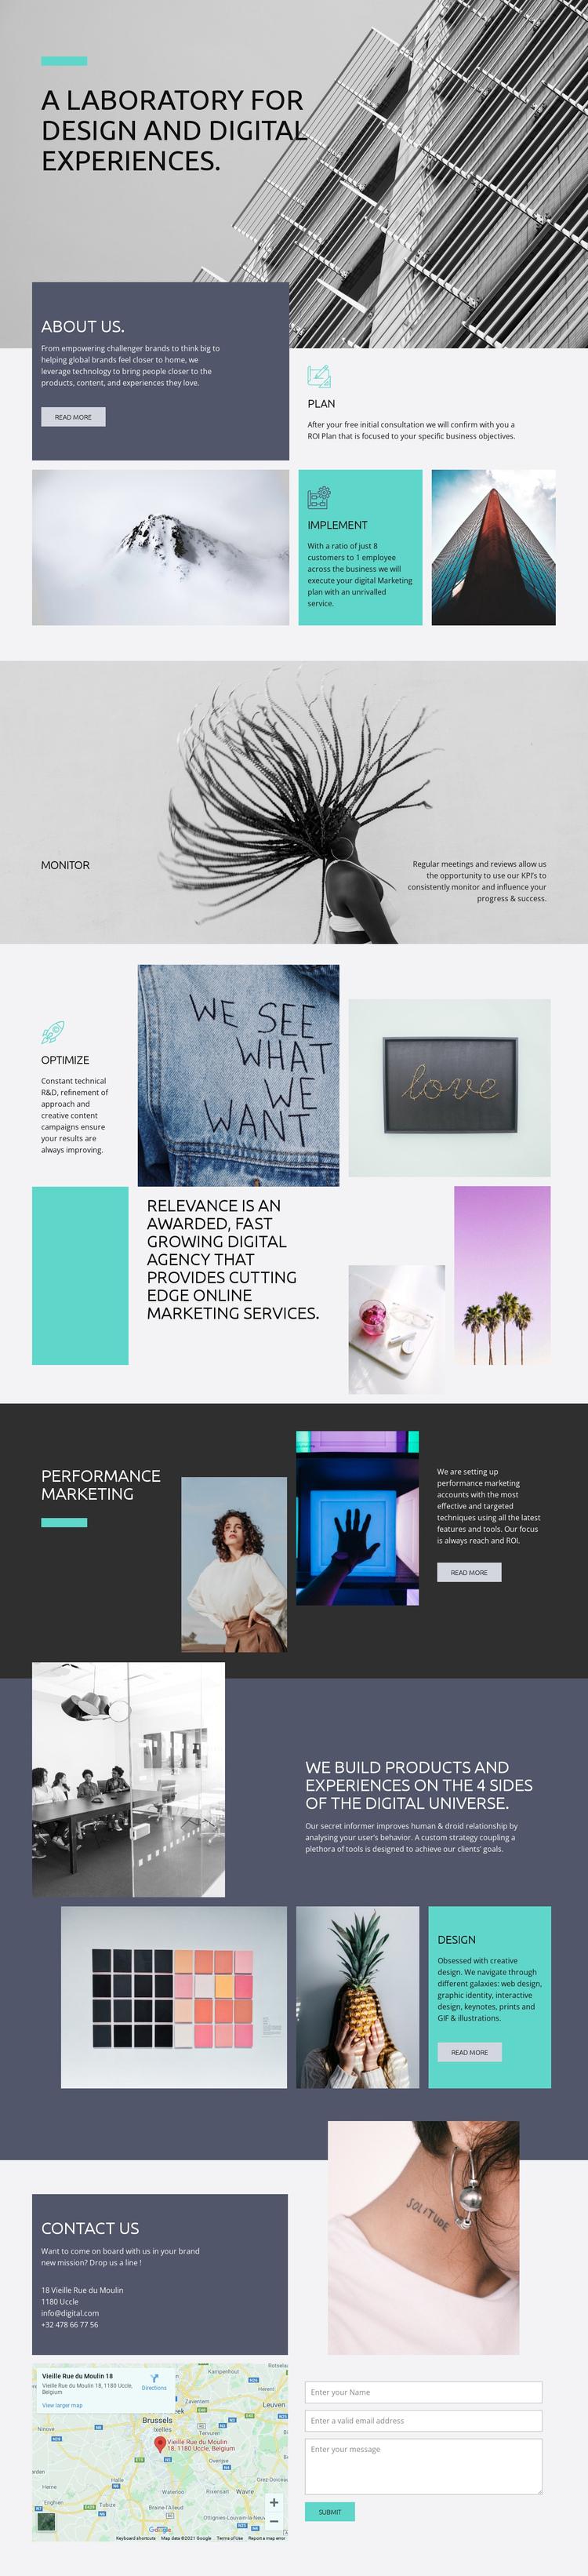 Creative lab for digital art Website Builder Software